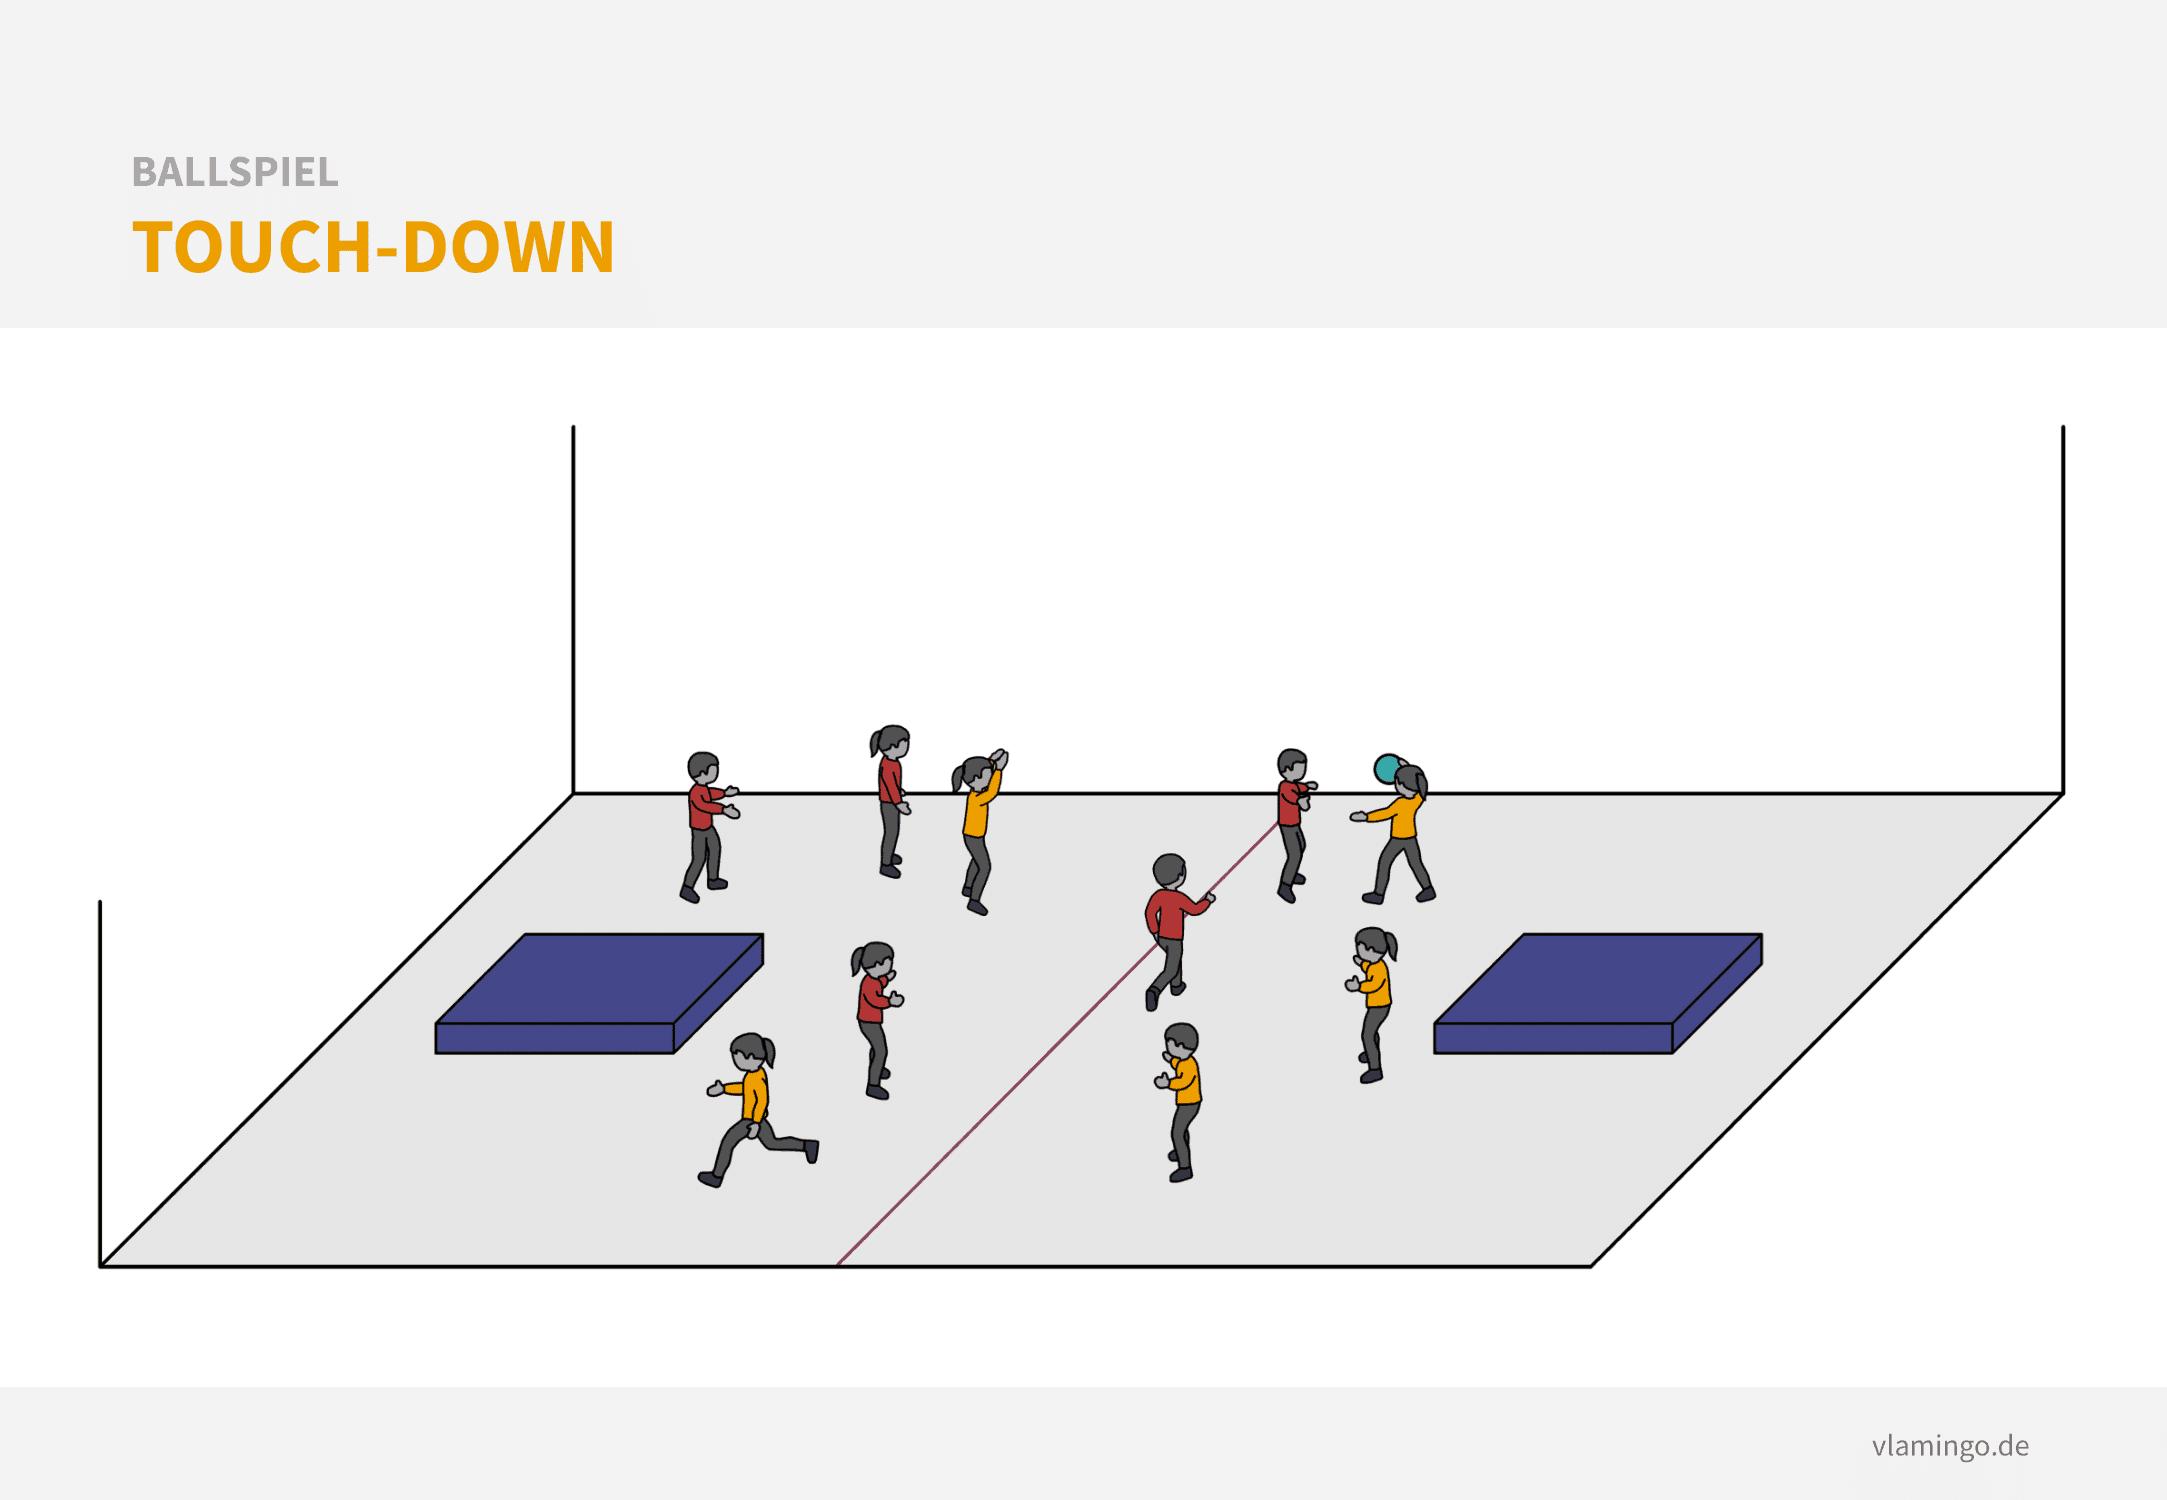 Ballspiel: Touch-Down